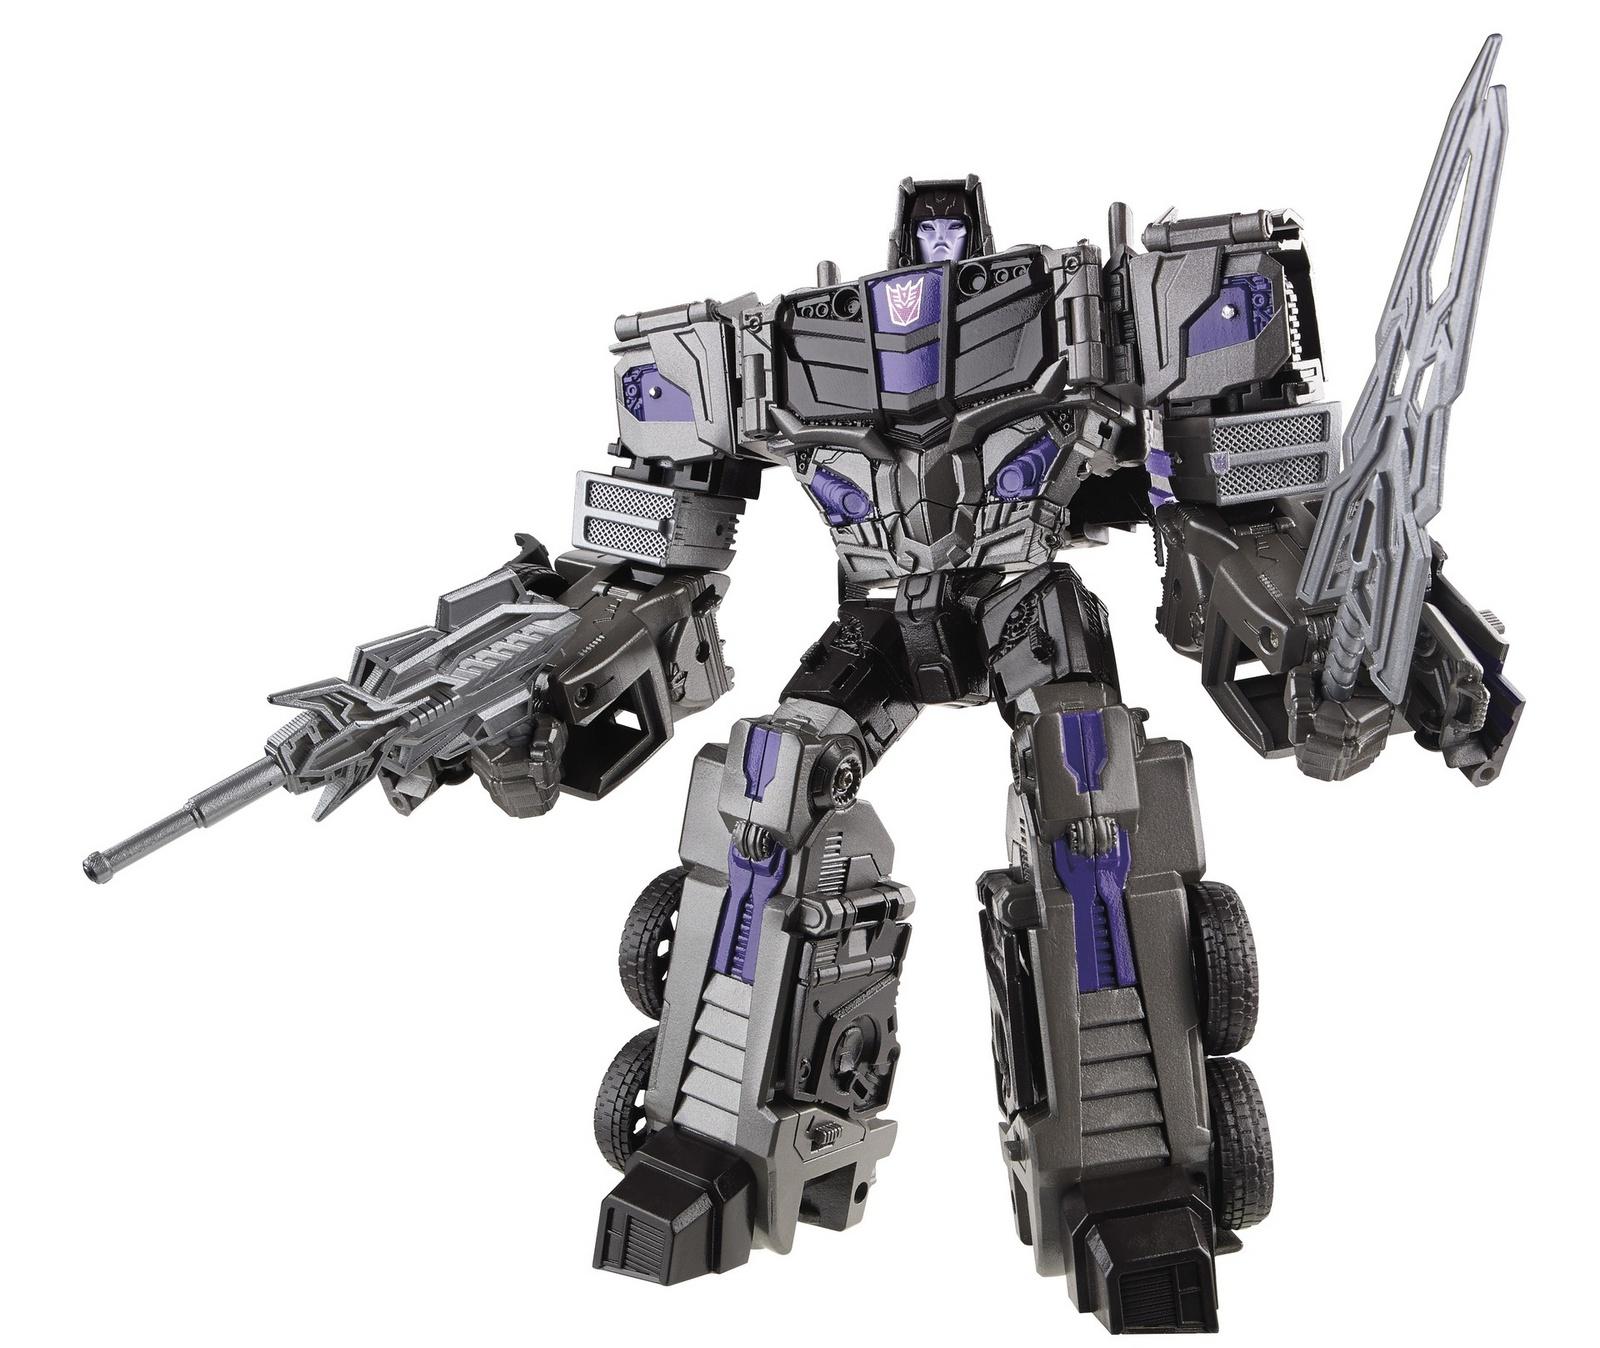 GEN-VOYAGER-Motormaster-Robot_1406402586